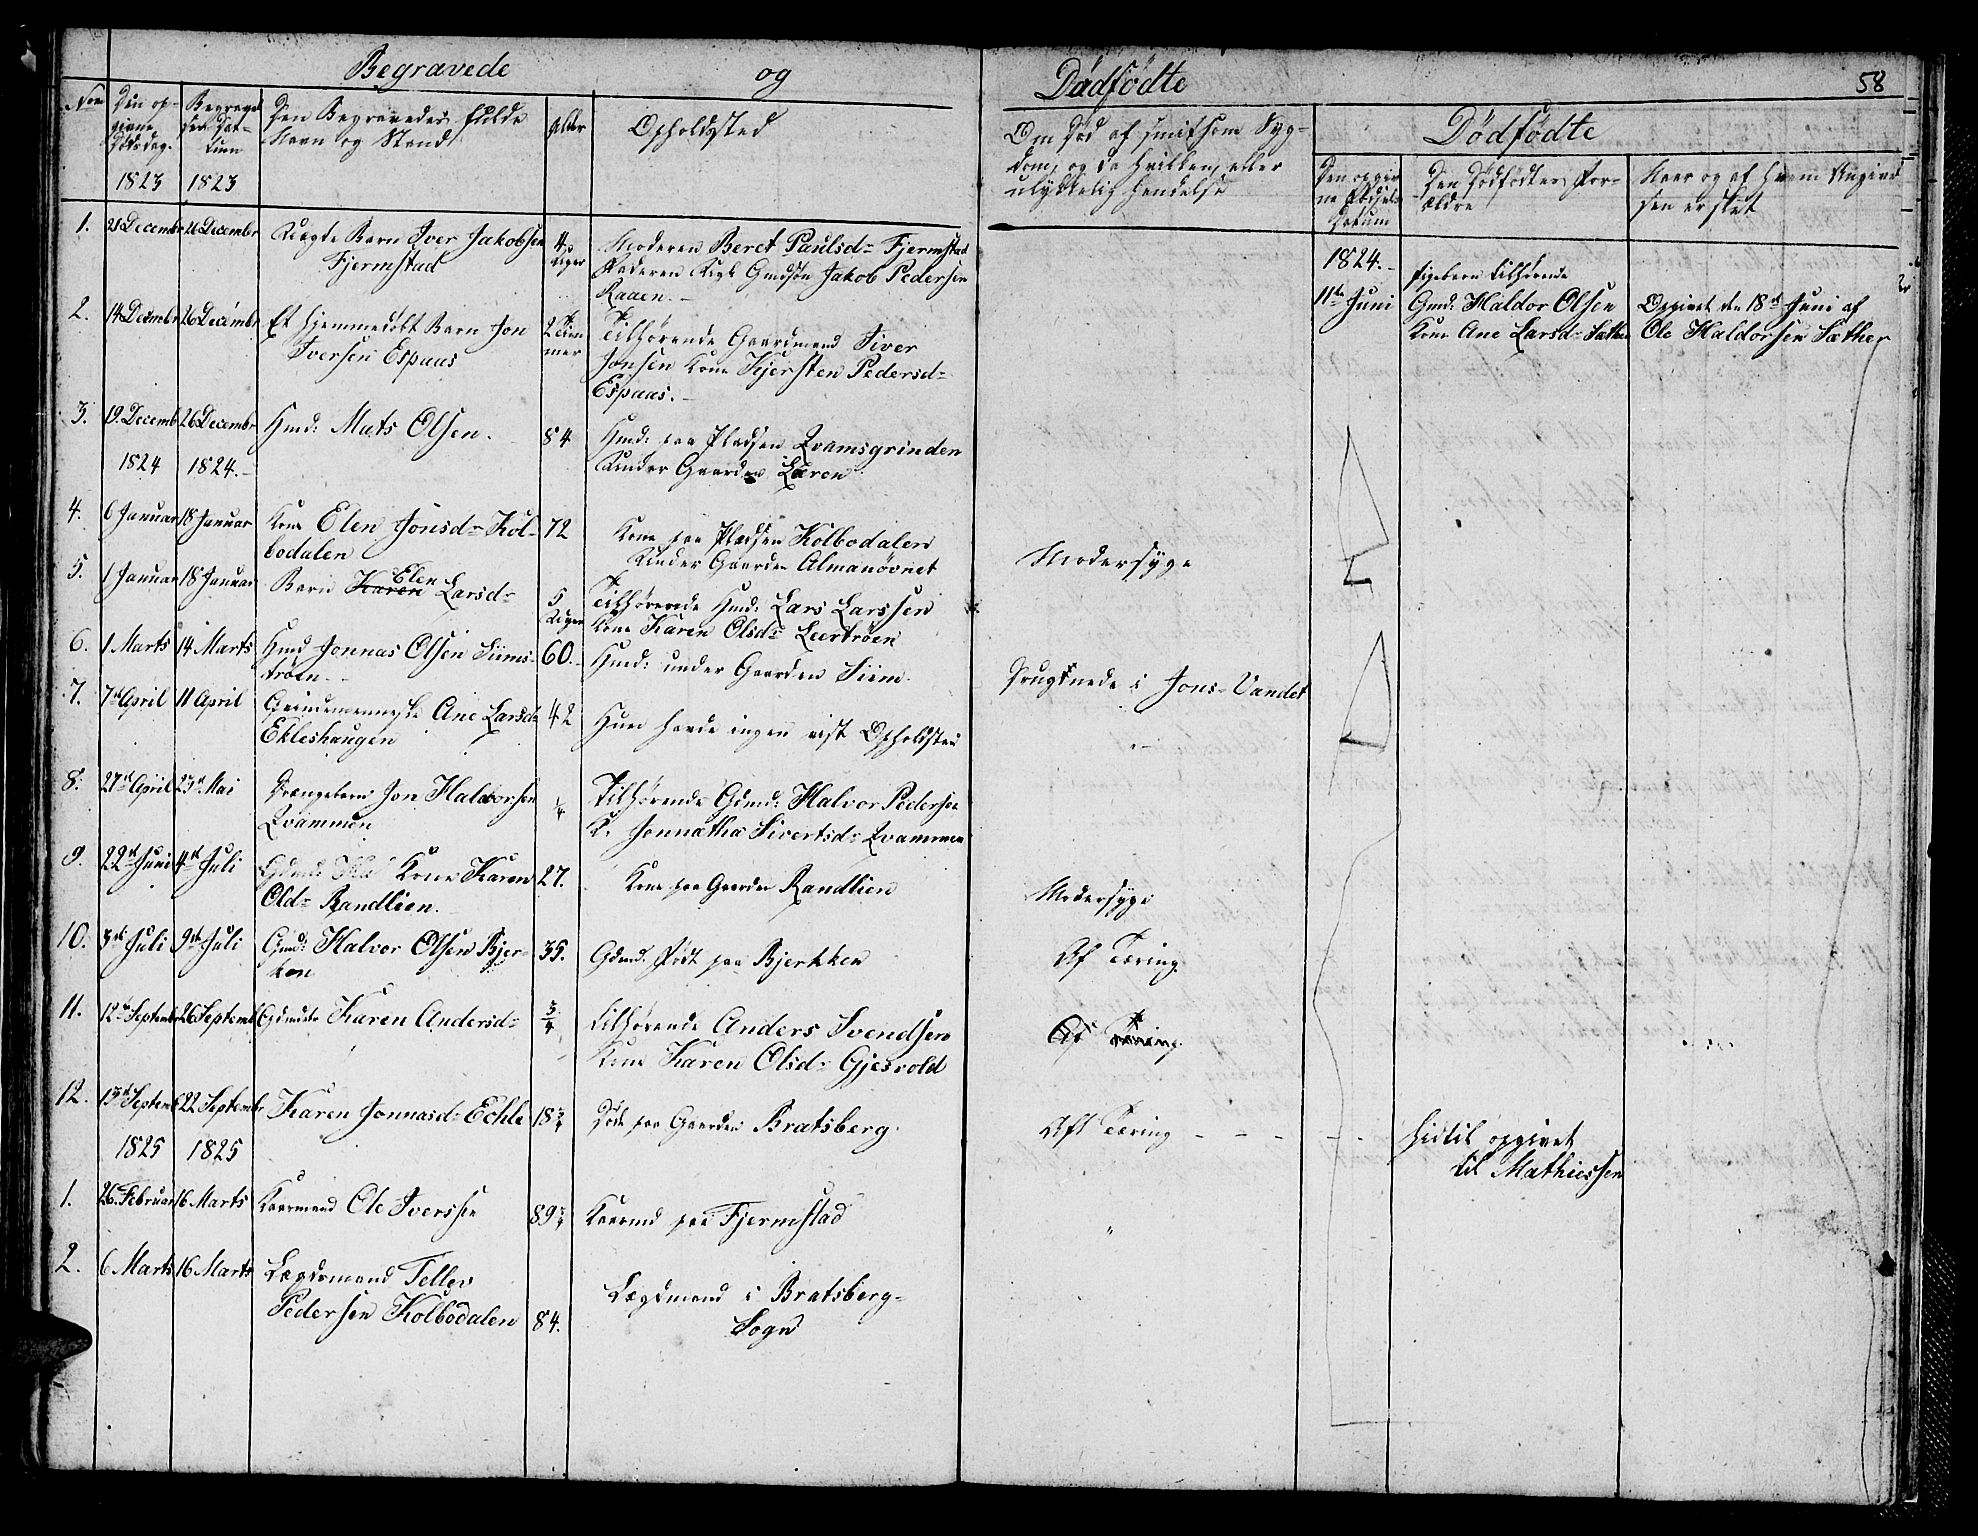 SAT, Ministerialprotokoller, klokkerbøker og fødselsregistre - Sør-Trøndelag, 608/L0337: Klokkerbok nr. 608C03, 1821-1831, s. 58